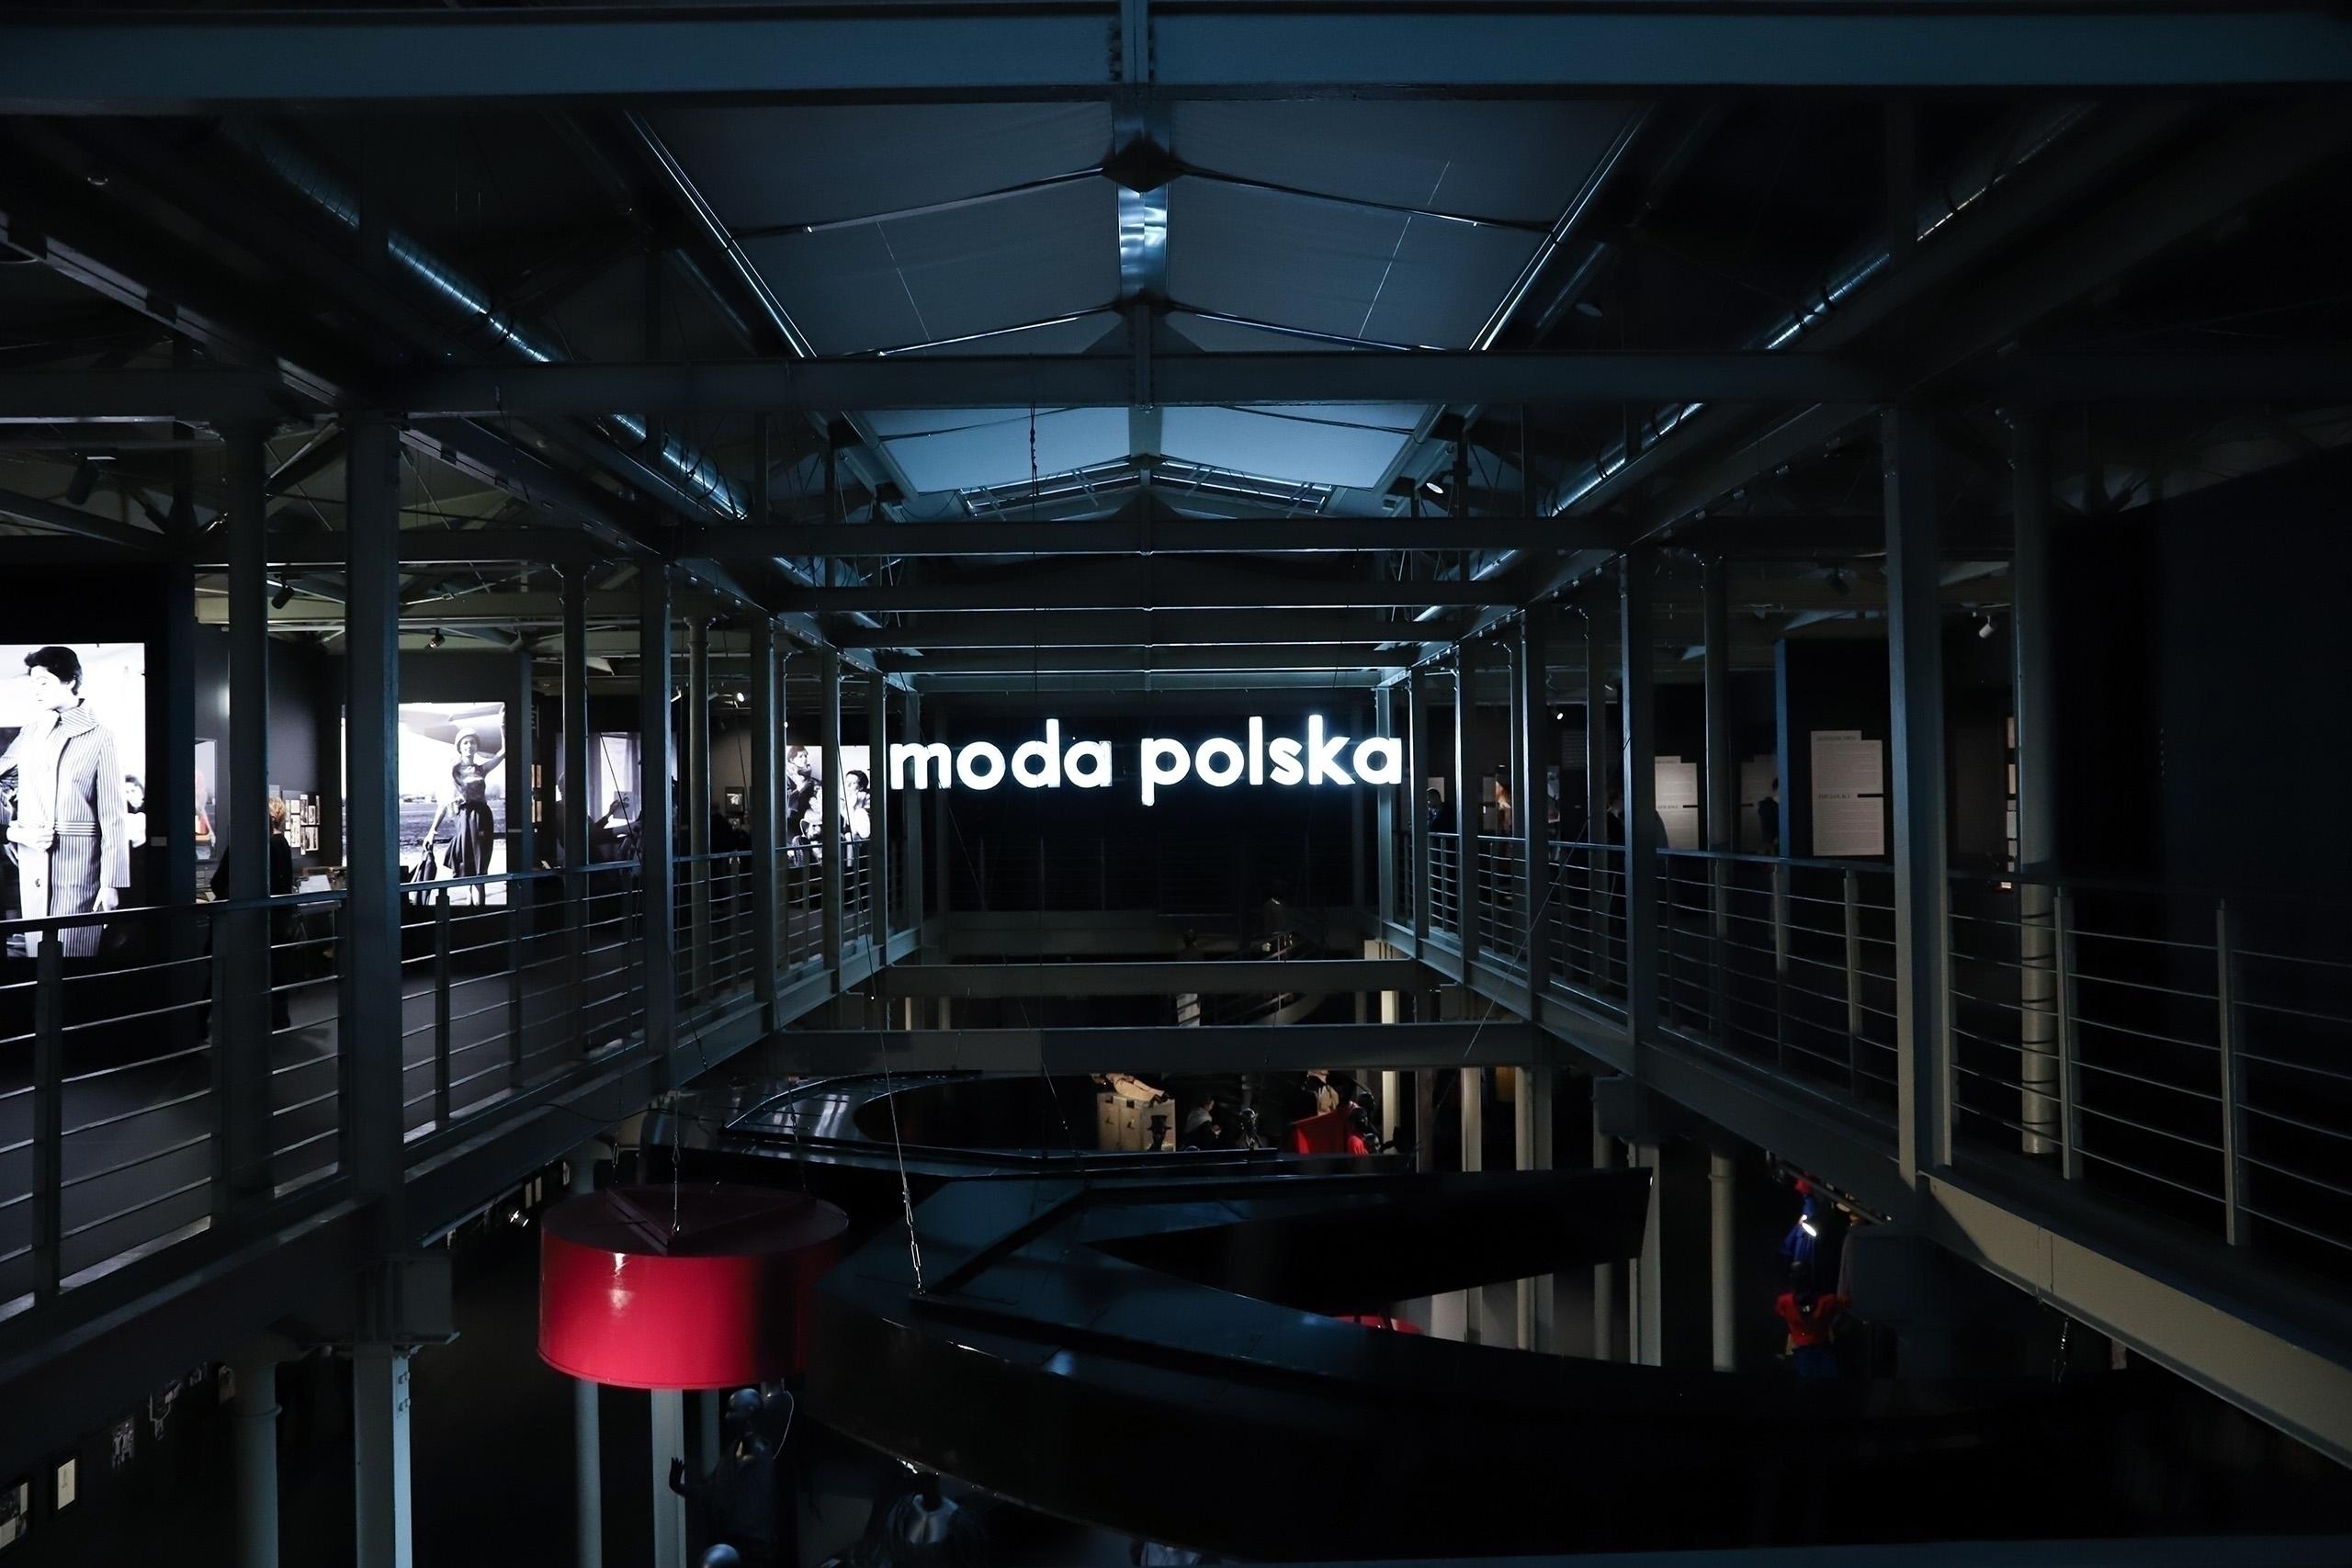 Zdjęcie przedstawia ciemne pomieszczenie, które oświetla jedynie biały neon z napisem.